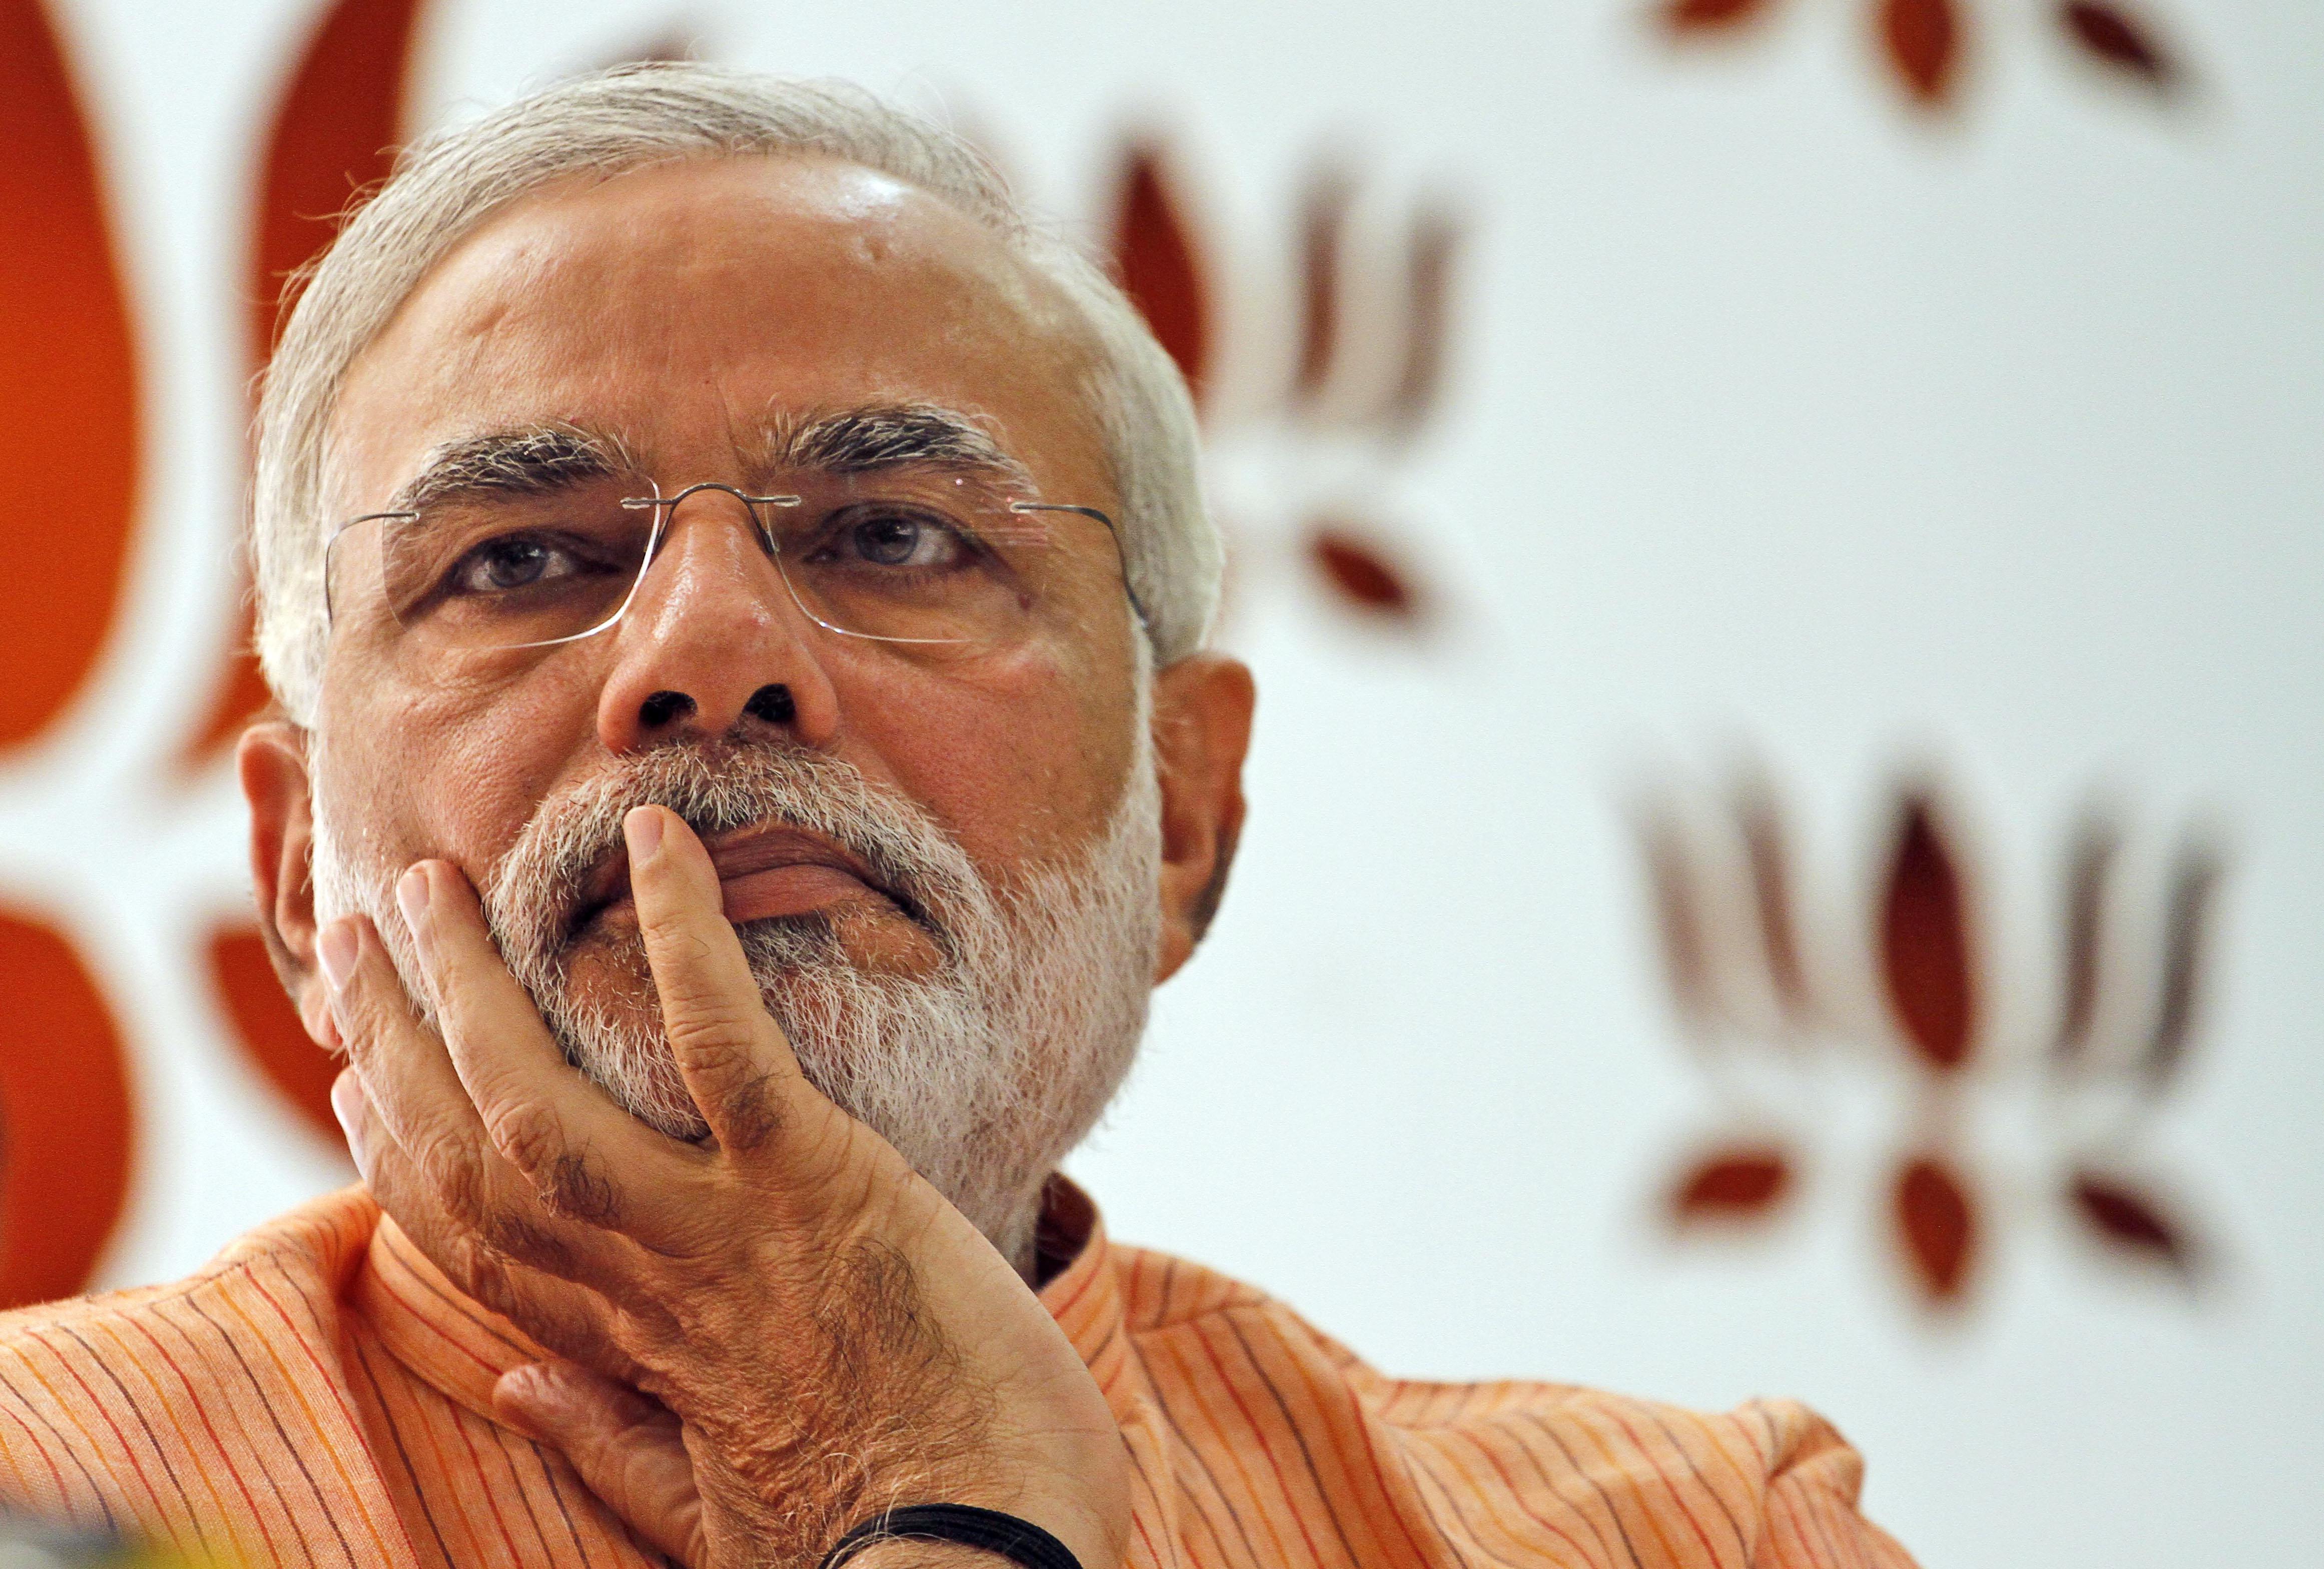 भारतीय प्रधानमन्त्री मोदीले पाकिस्तानलाई झण्डै तीन लाख तिर्नुपर्ने